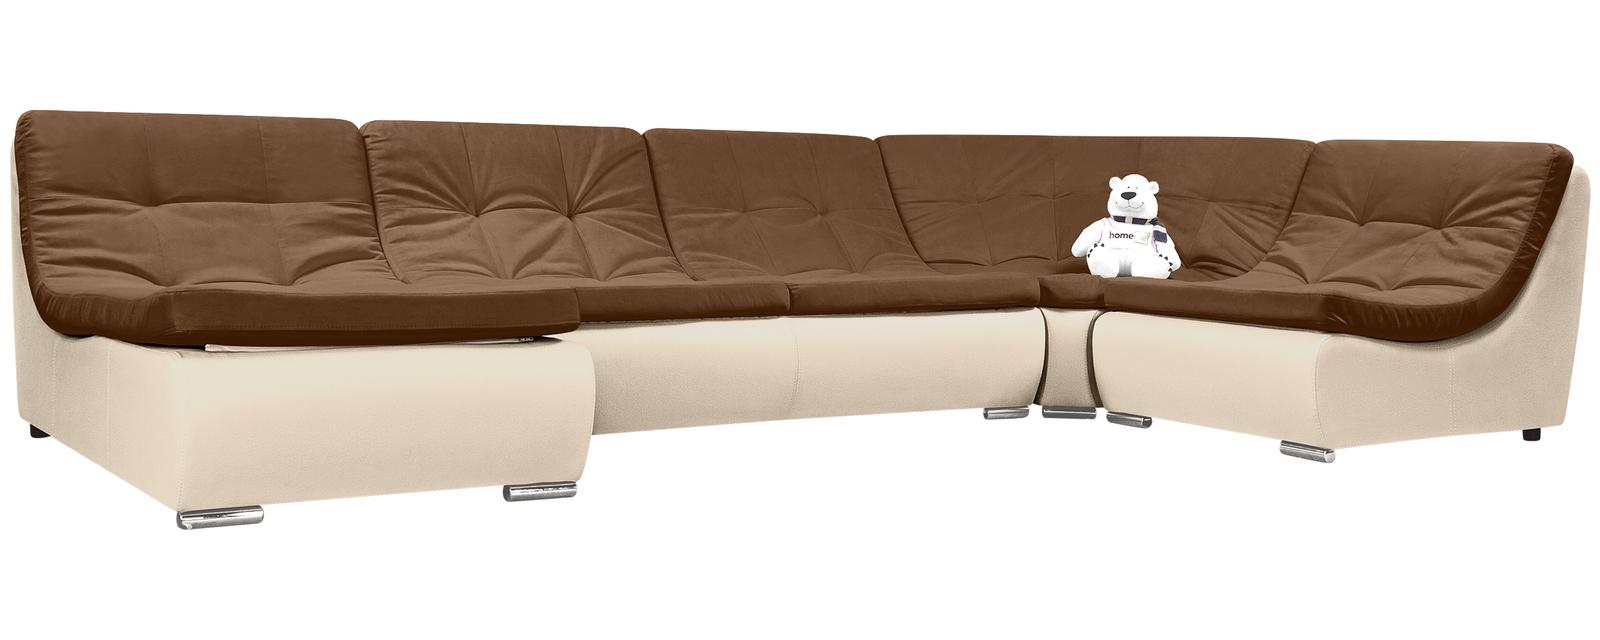 Модульный диван Лос-Анджелес Velure коричневый Вариант 2 (Велюр + Экокожа)